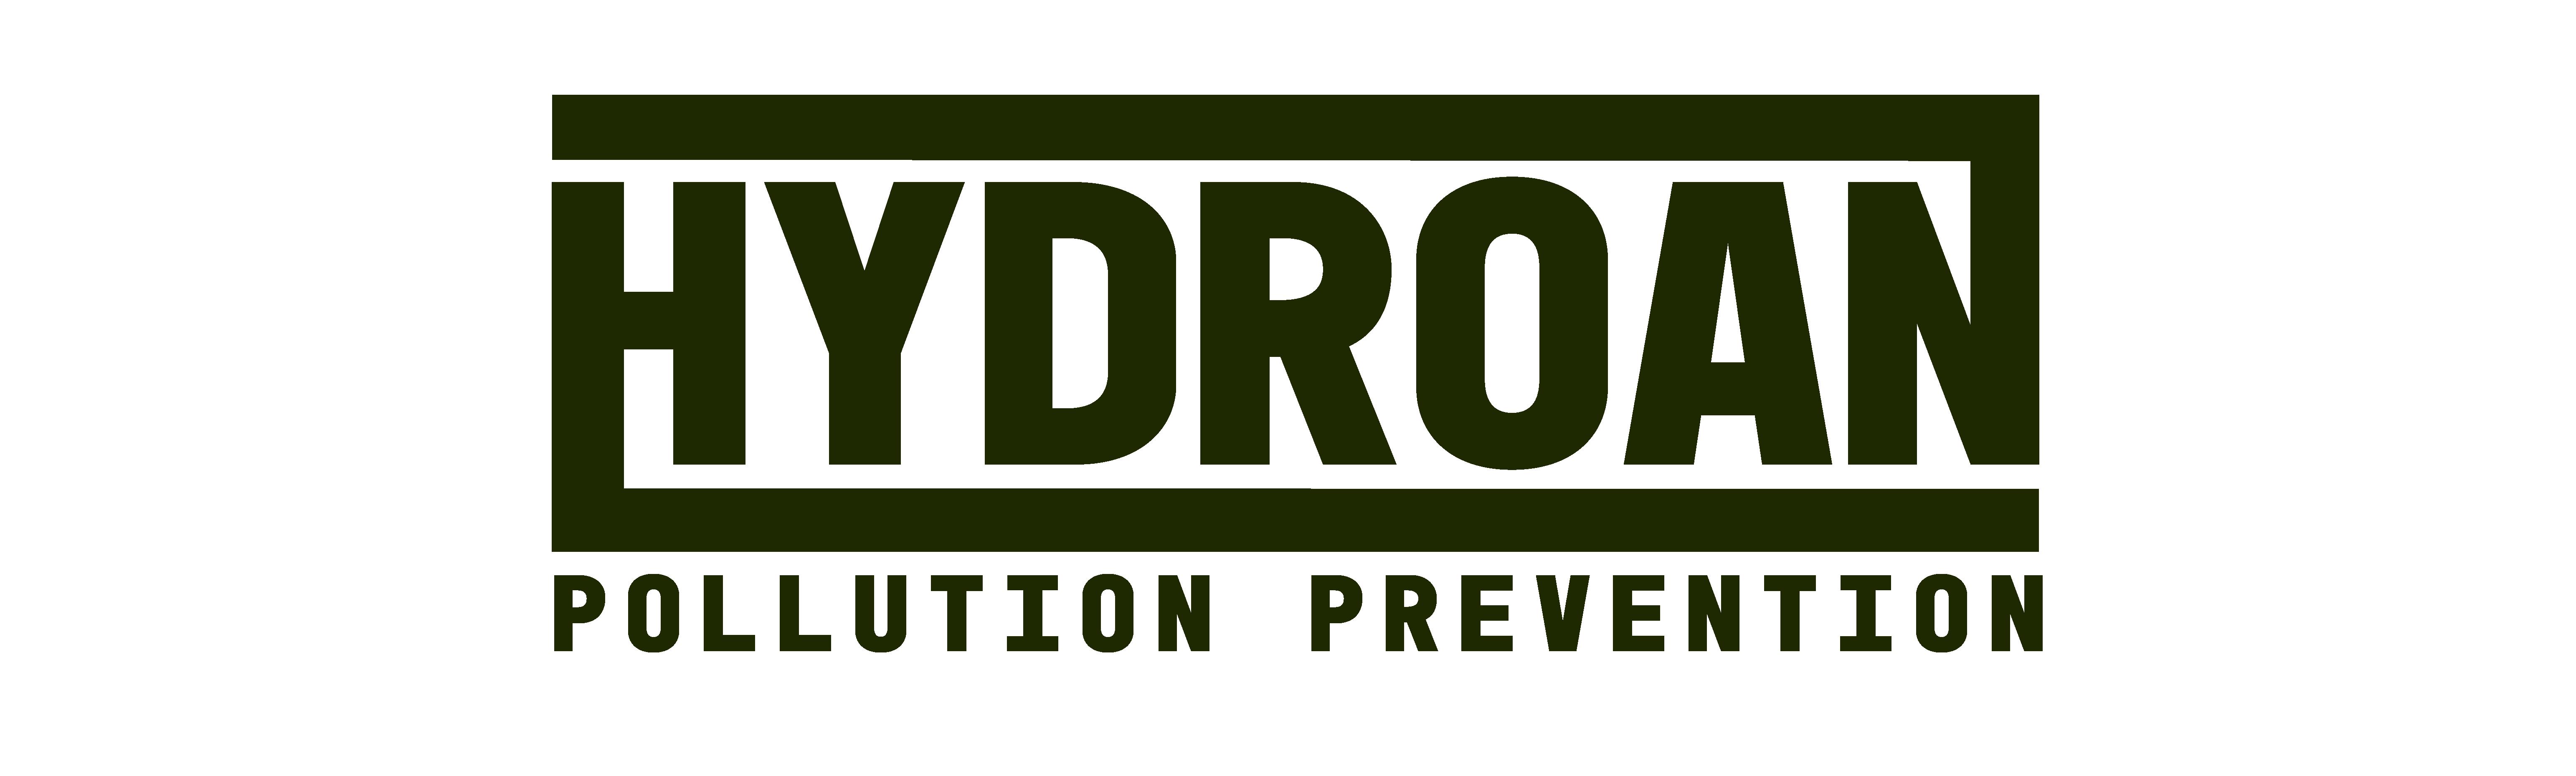 Hydroan Mockup PDf-10